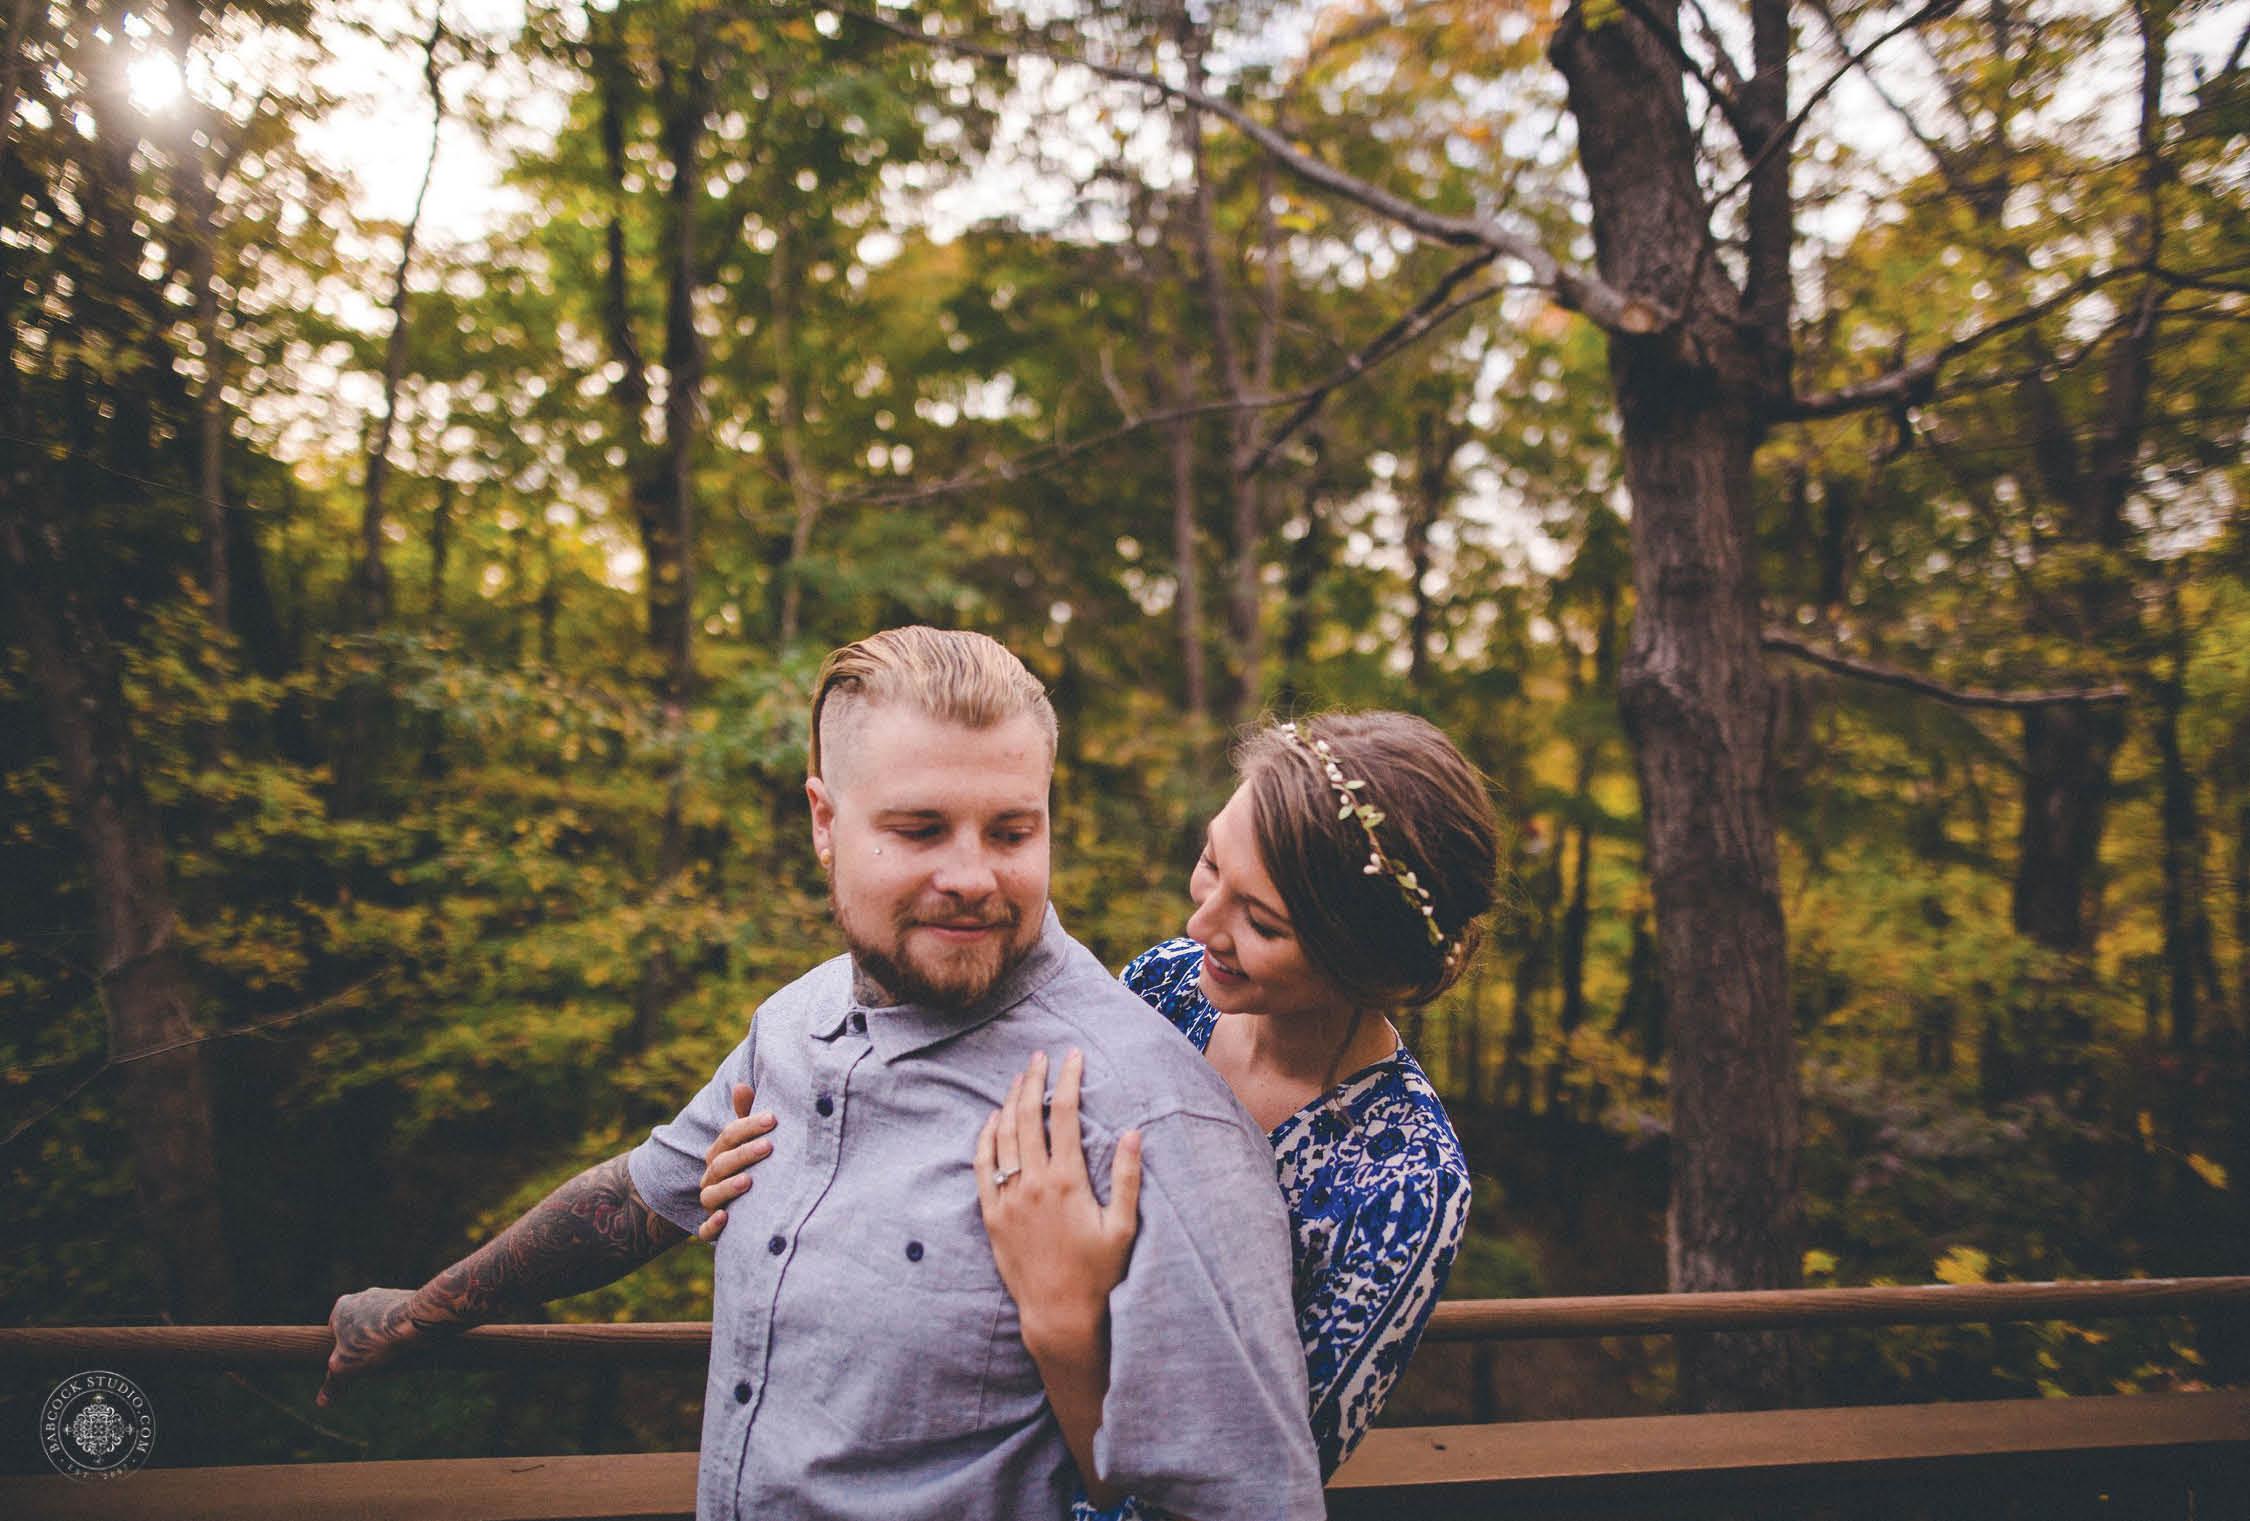 emily-jeff-engagement-photographer-dayton-ohio-8.jpg